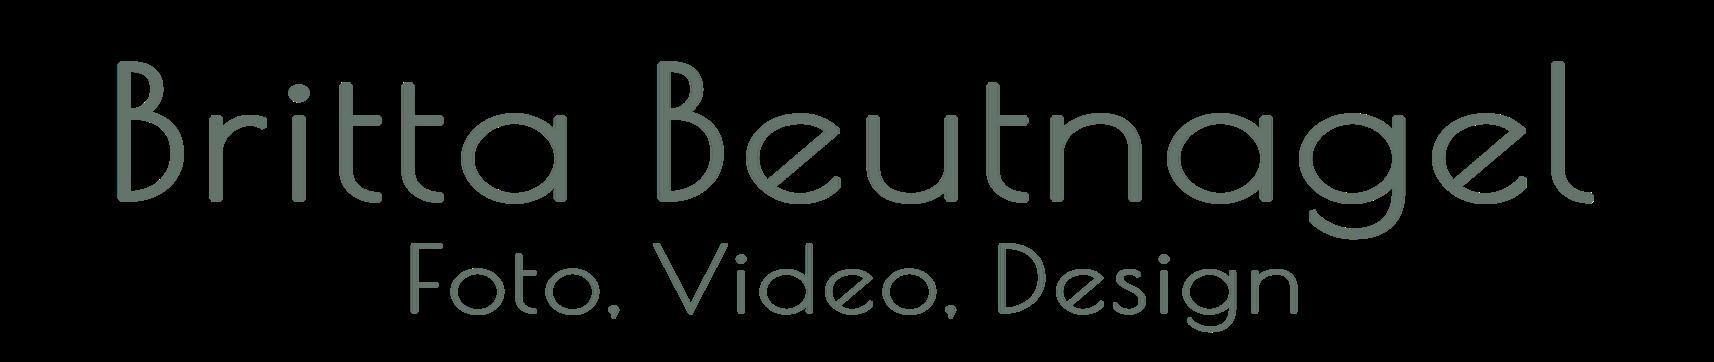 Britta Beutnagel